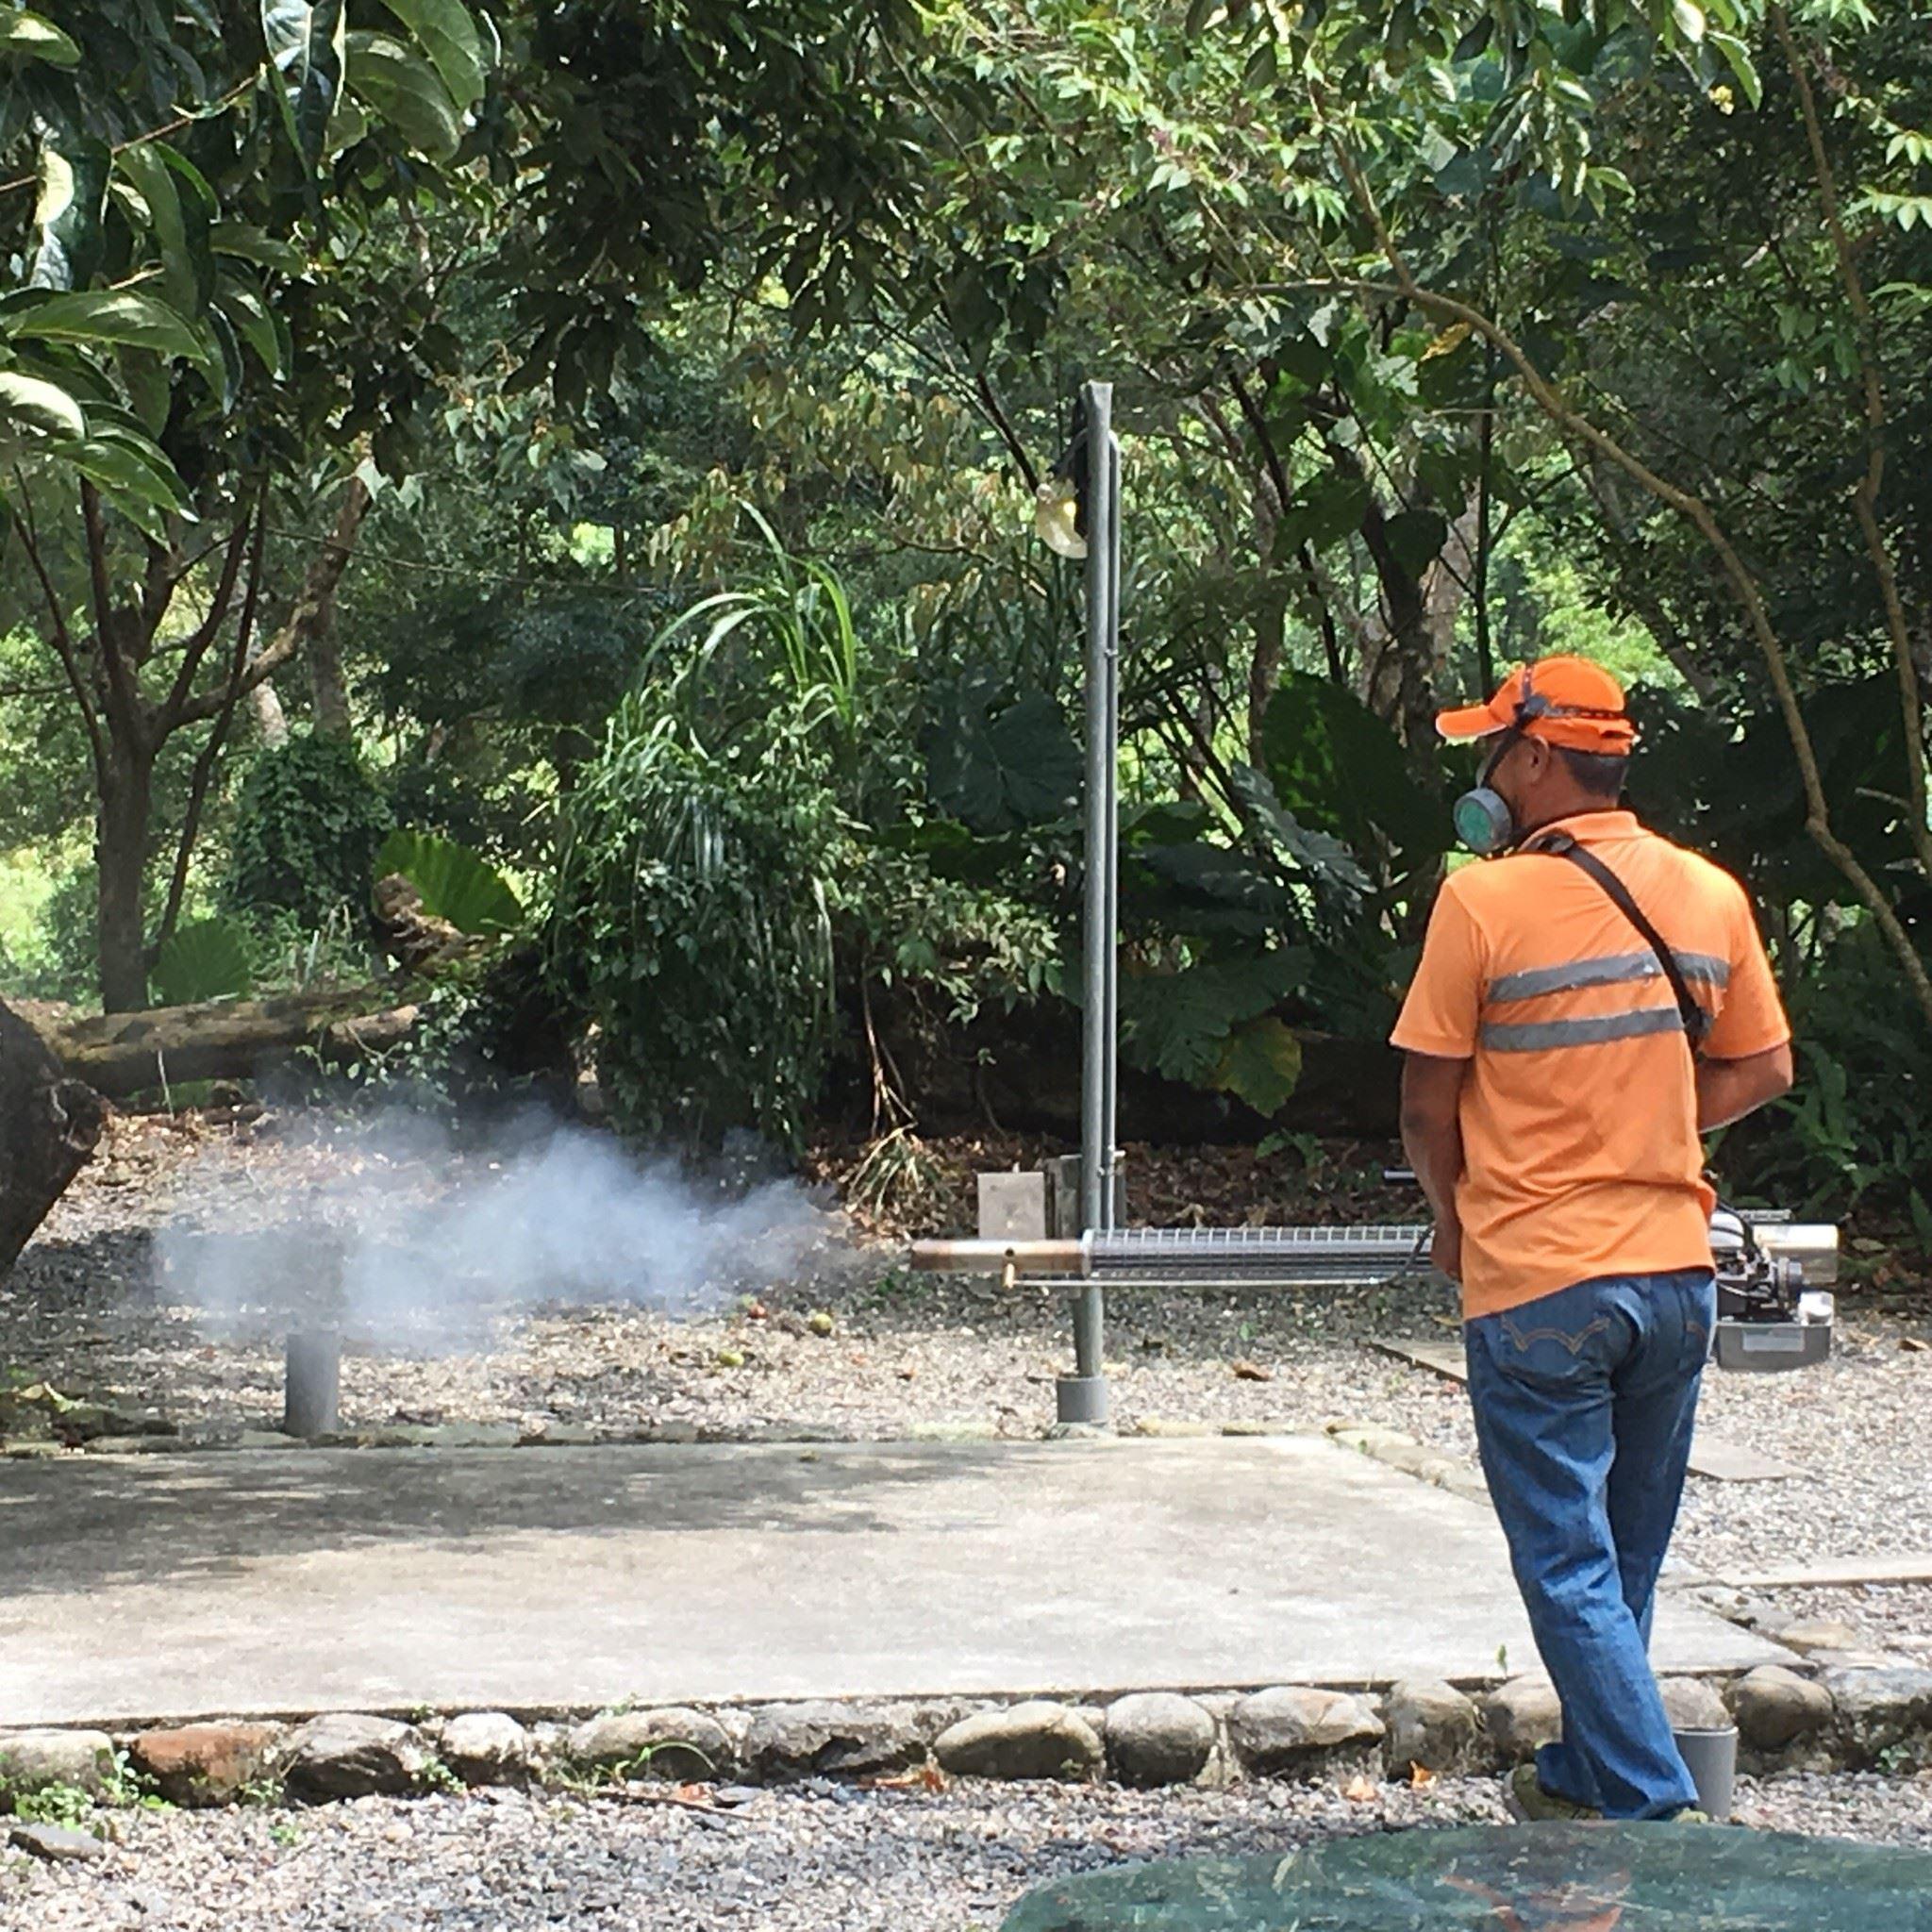 宜蘭市公所及員山鄉公所針對戶外環境進行噴藥作業